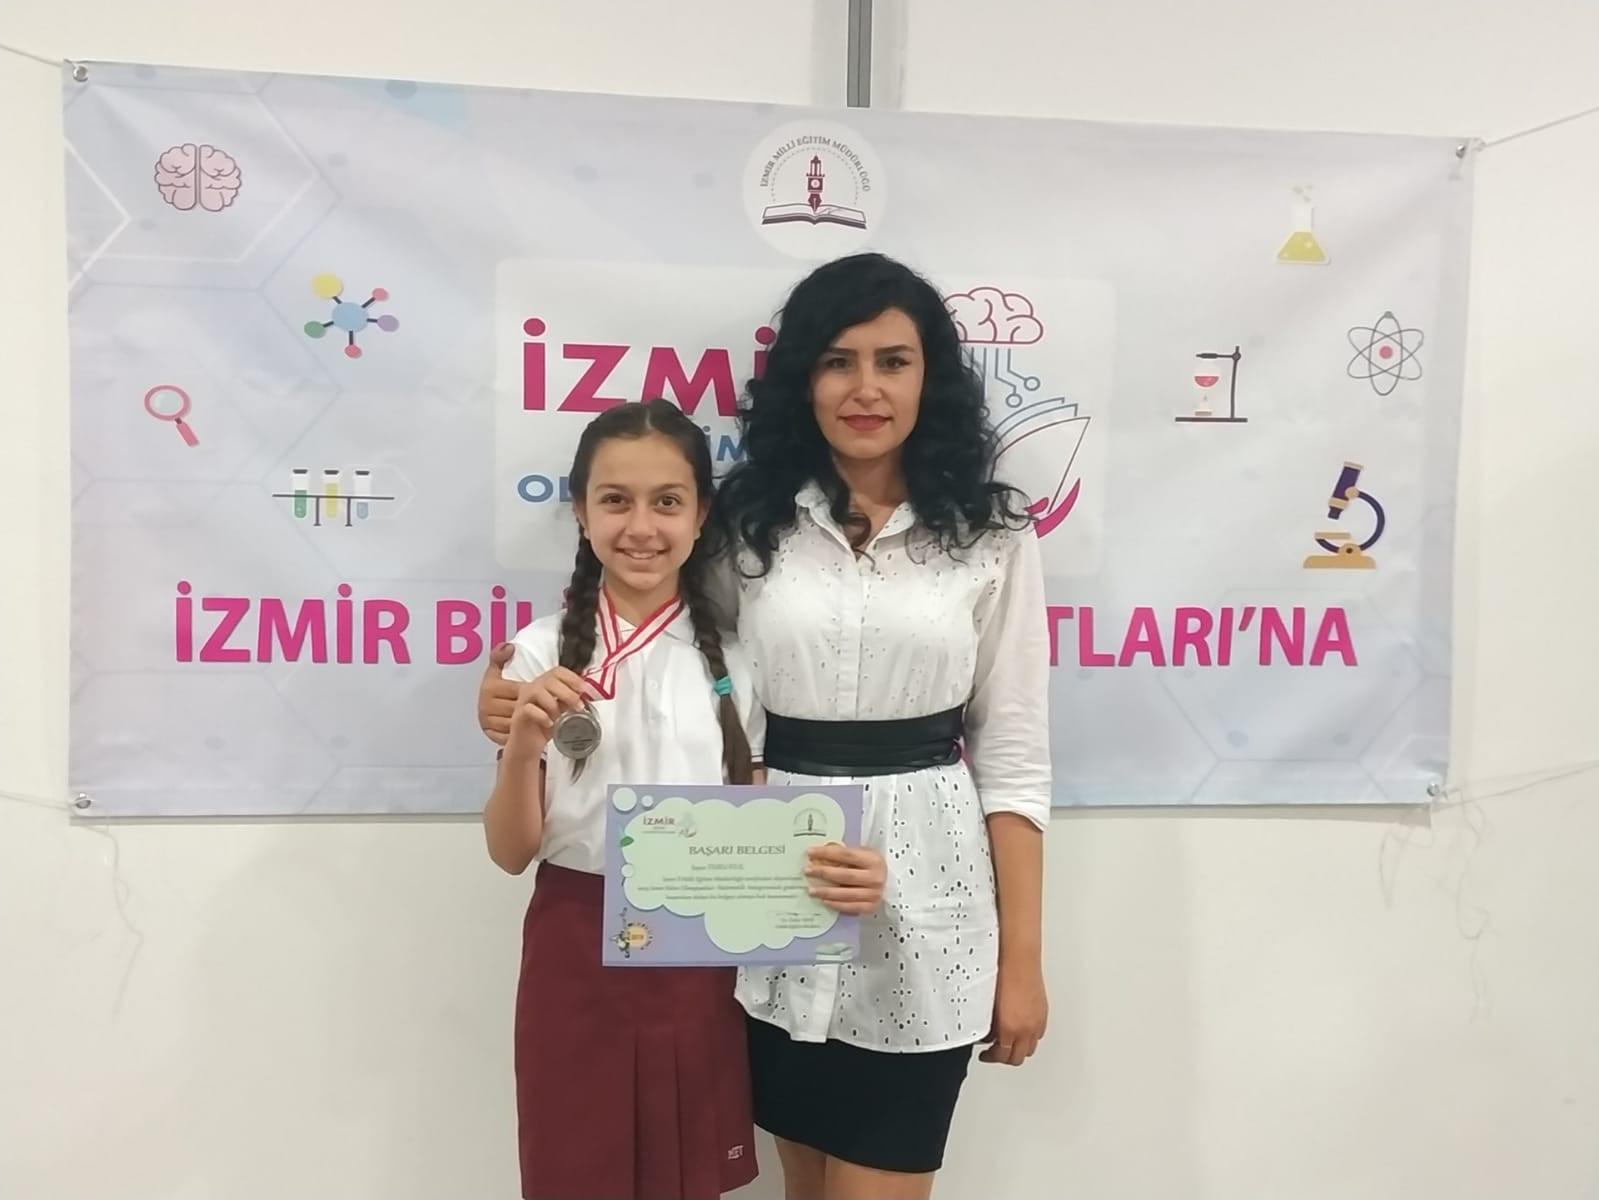 Duru Kılıç, İzmir Bilim Olimpiyatları Matematik Dalında İzmir İkincisi